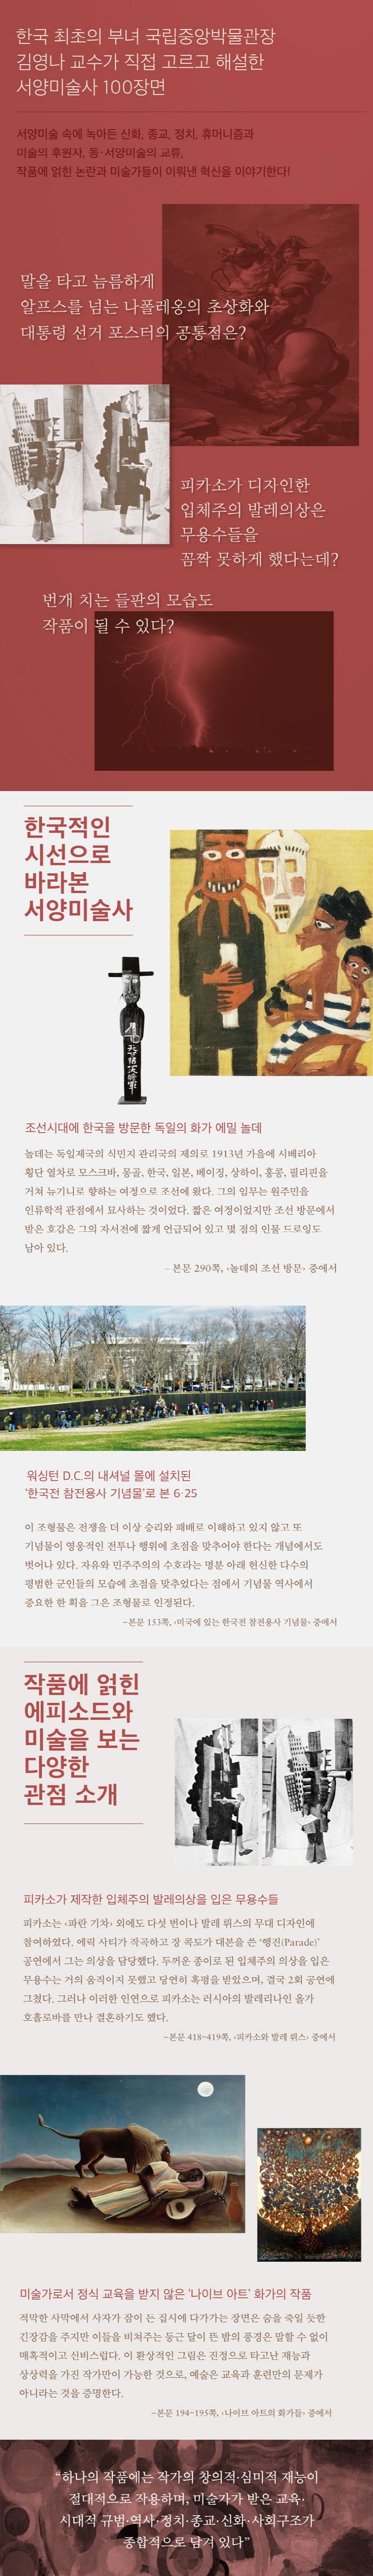 김영나의 서양미술사 100(양장본 HardCover) 도서 상세이미지